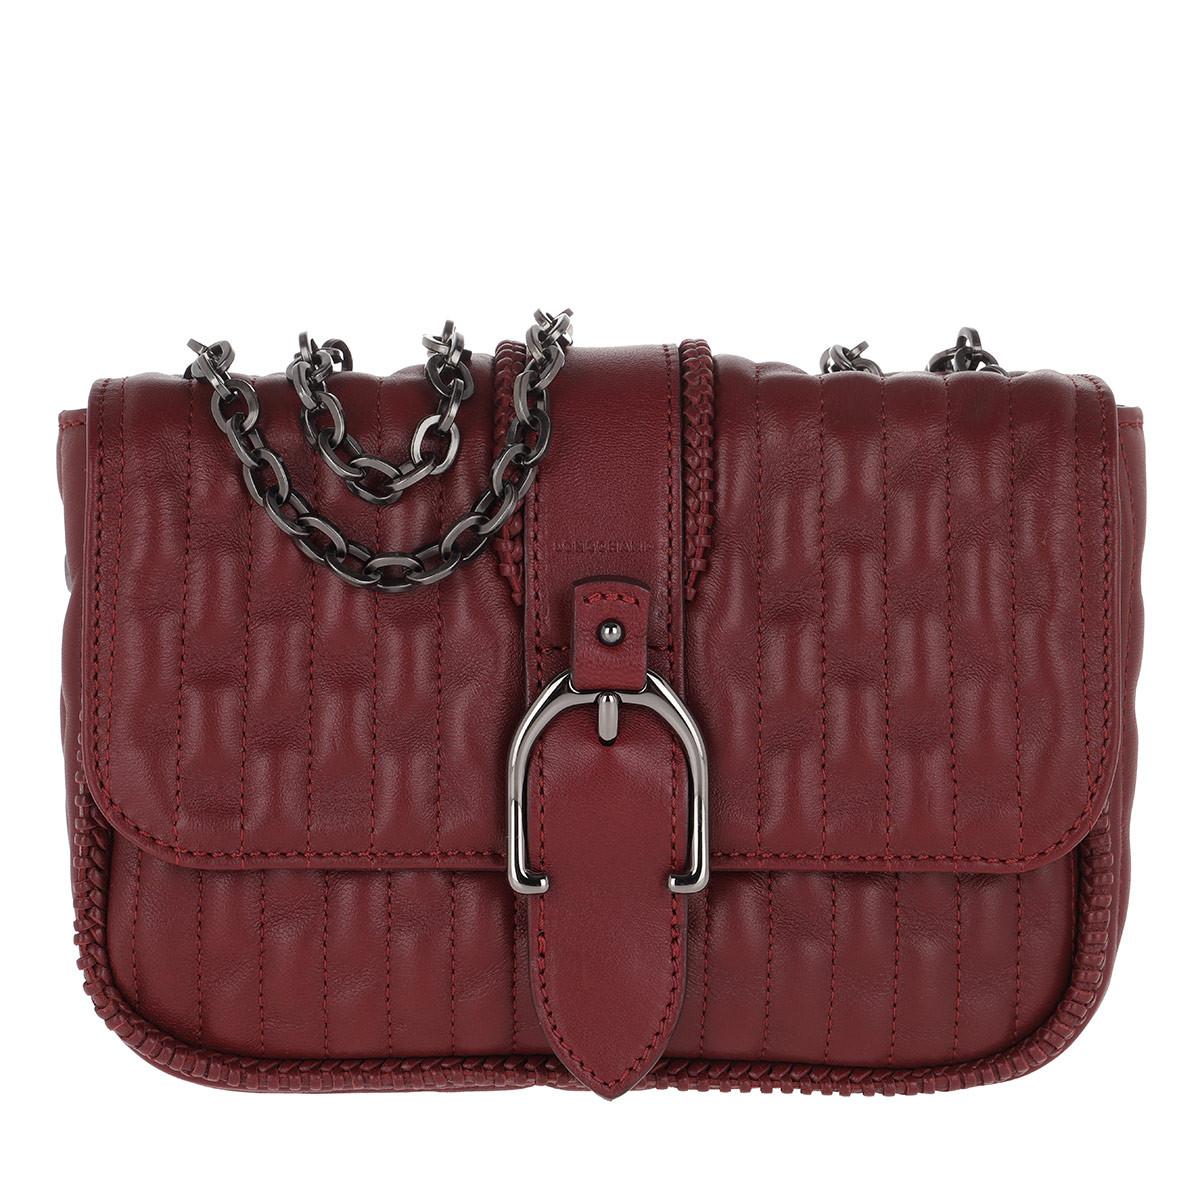 Longchamp Umhängetasche - Amazone Hobo Bag Burgundy - in rot - für Damen